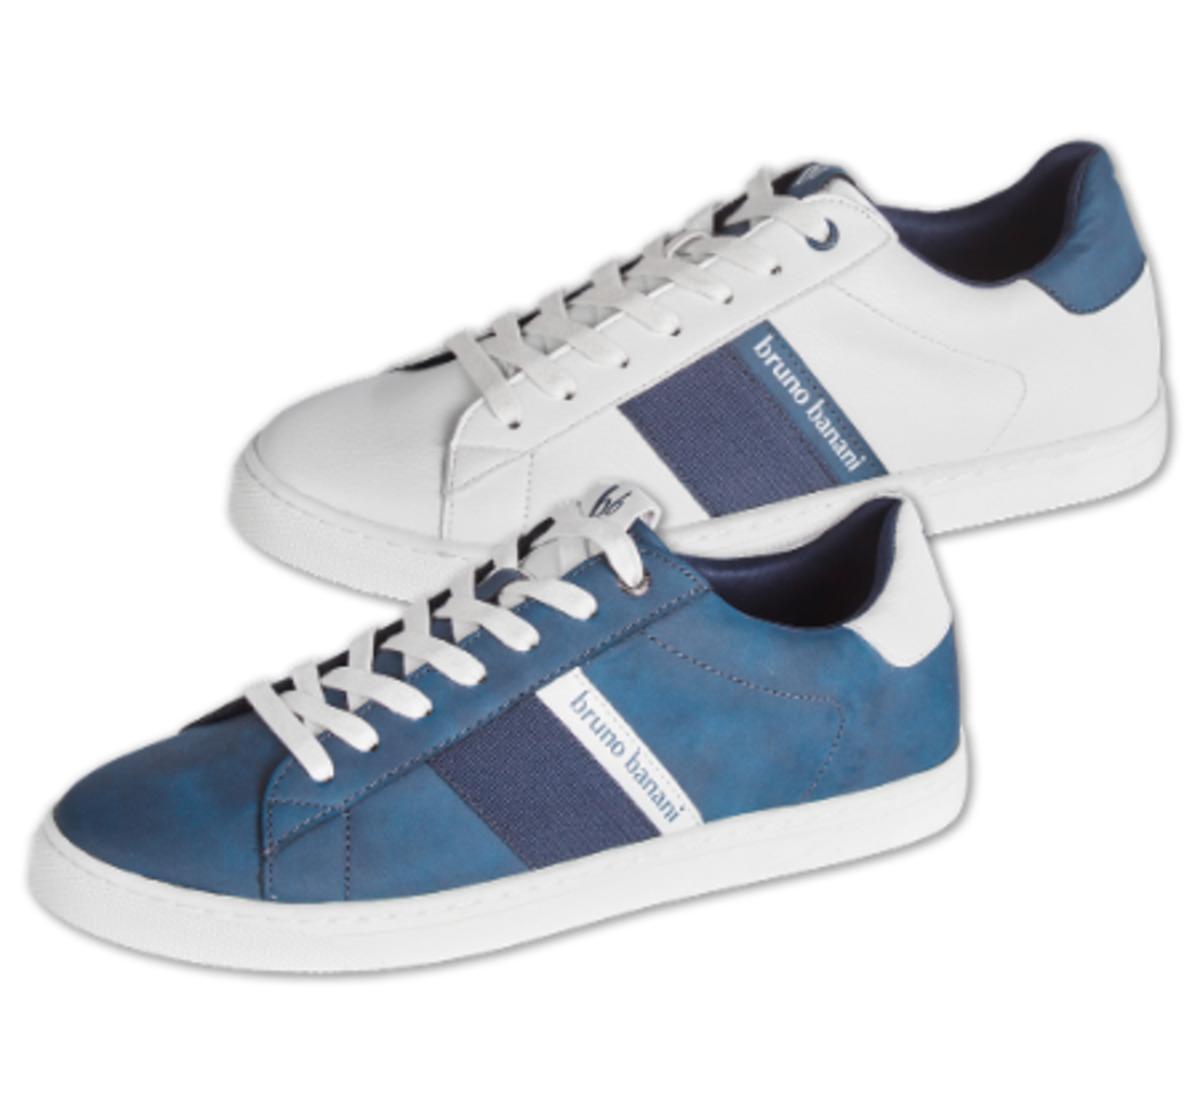 Bild 1 von BRUNO BANANI Sportliche Herren-Sneaker